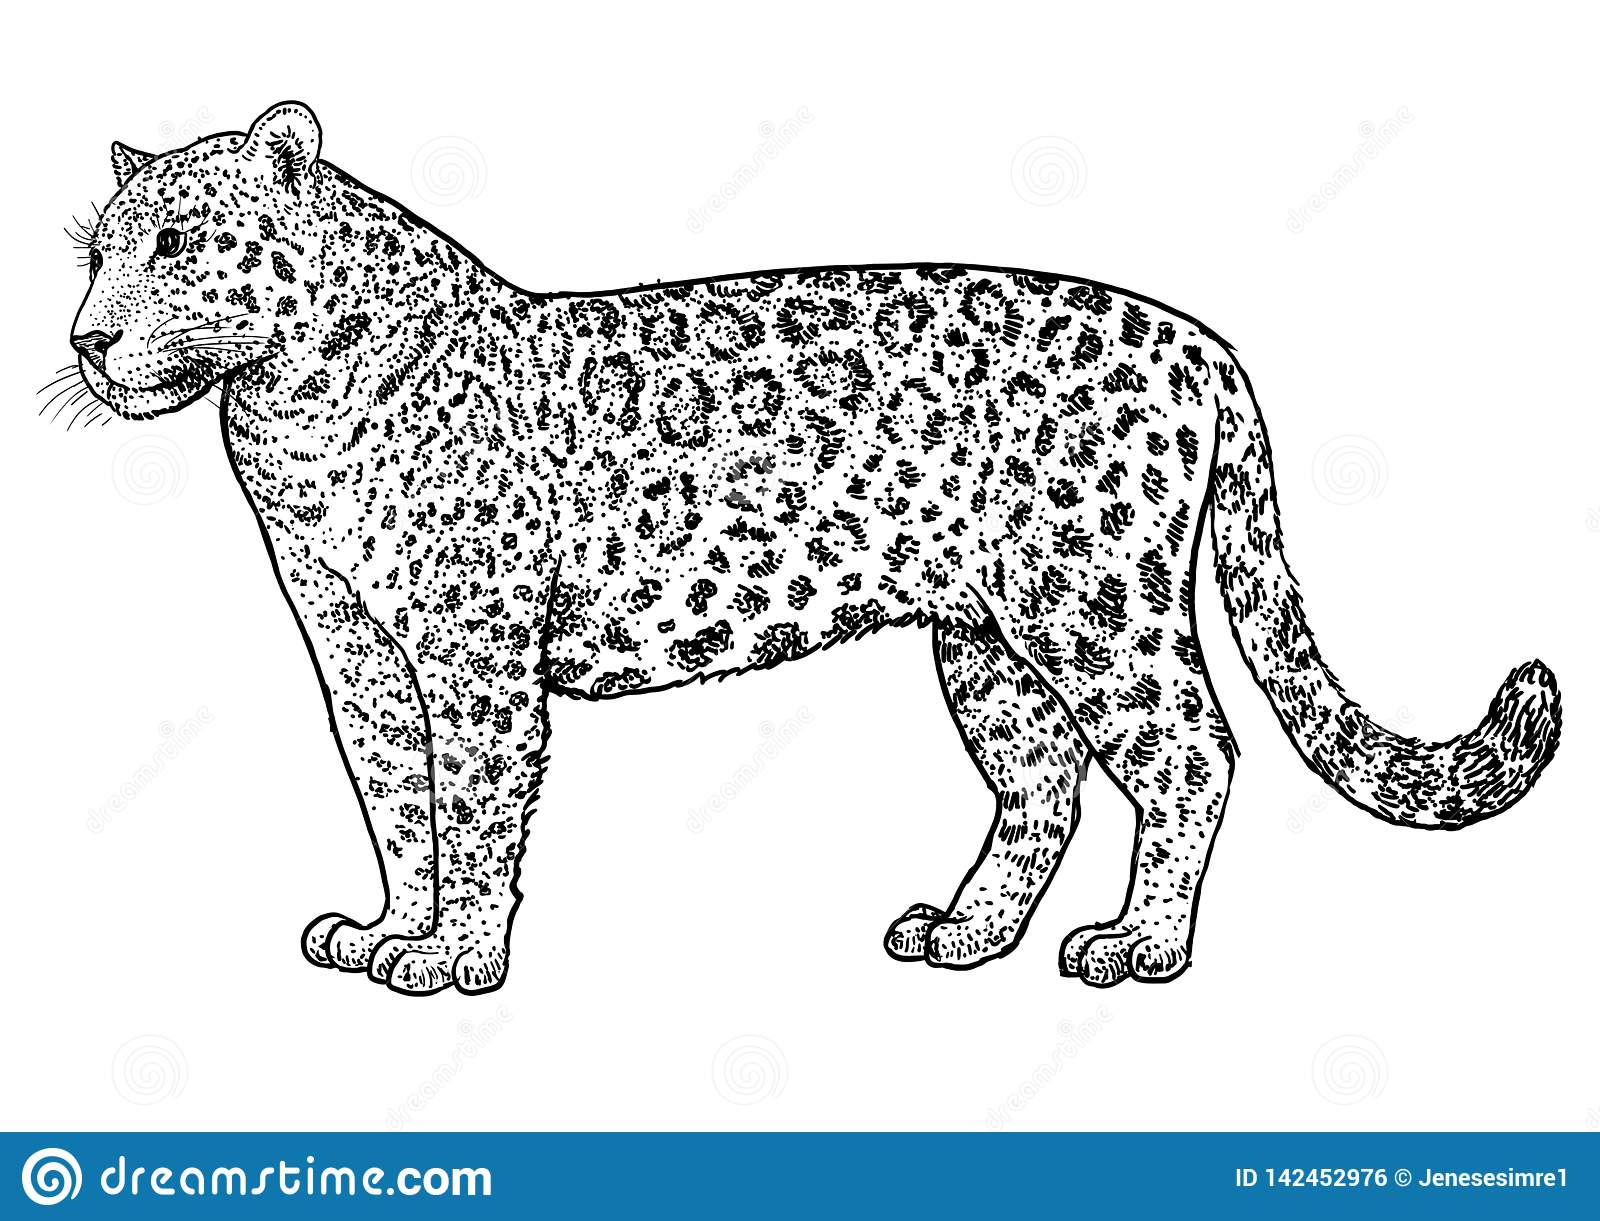 Jaguar Illustration Drawing Engraving Ink Line Art Vector Stock Vector Illustration Of Animal Endangered 142452976